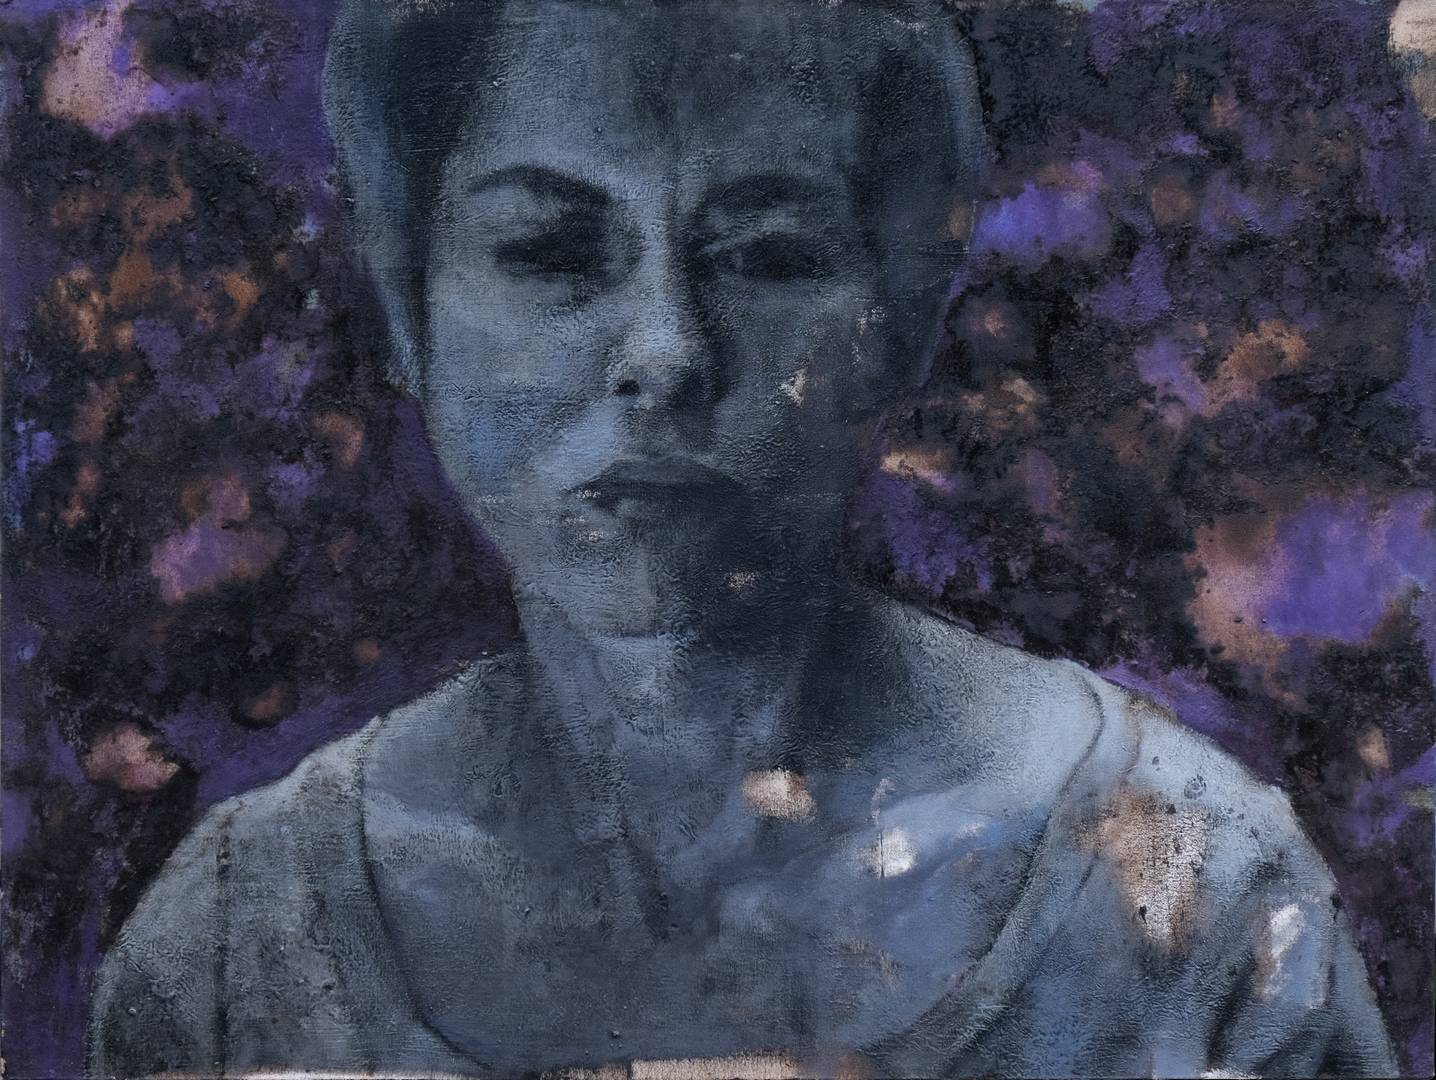 Persona, 80x106 cm, Tuval üzerine yağlı boya, 2006,